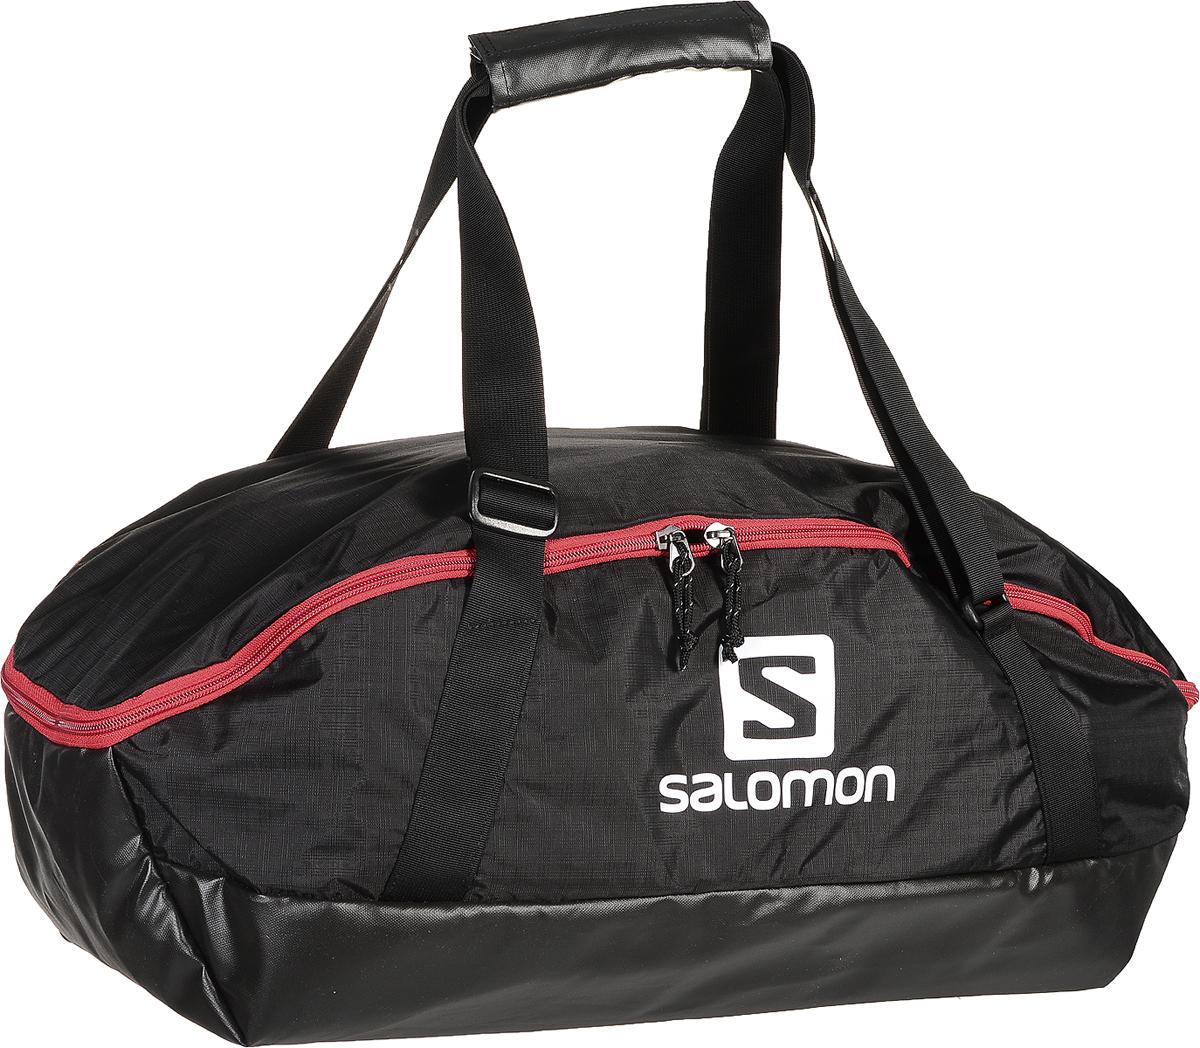 Сумка спортивная Salomon Prolog 40 Bag, цвет: черный, 40 л. L37992800L37992800Сумка Salomon Prolog 40 Bag выполнена из полиэстера и оформлена принтом с изображением логотипа бренда. Изделие оснащено удобными широкими ручками, длину которых можно регулировать с помощью пряжек. Сумка и закрывается на двухходовую застежку-молнию. Внутри расположено вместительное отделение, которое содержит два вшитых кармана на молнии. Также внутри расположено второе отделение с покрытием, не пропускающим воду и вставкой из сетки для вентиляции.